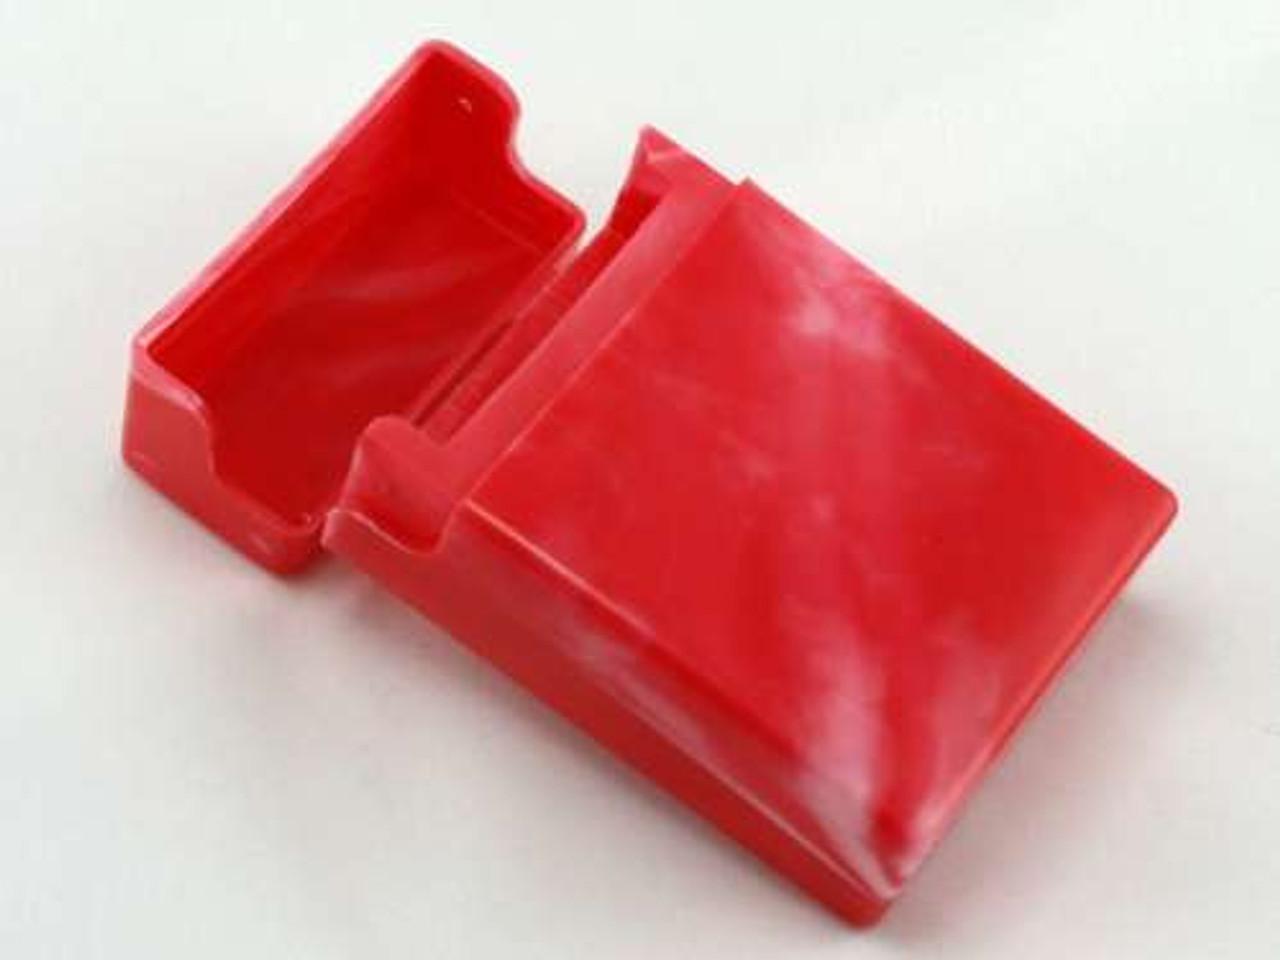 Red Swirl Cigarette Pack Holder